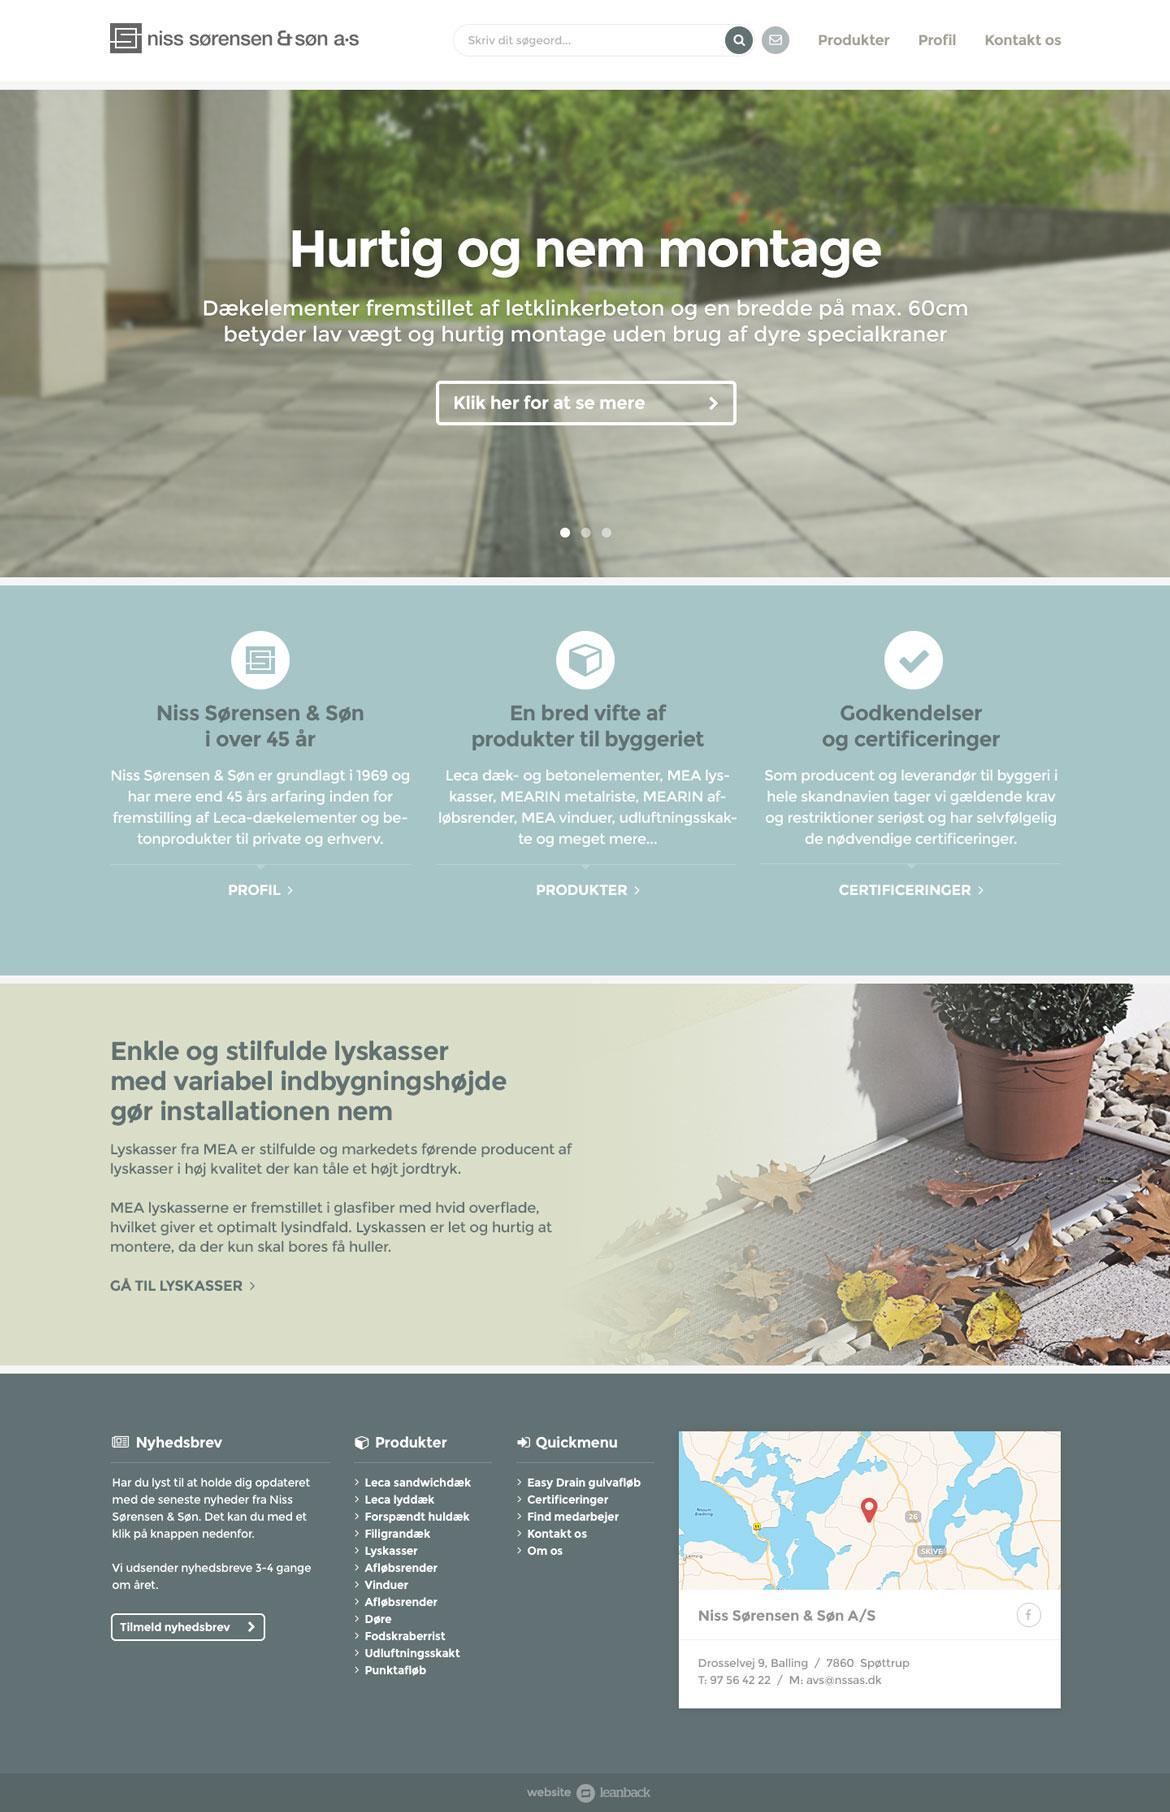 Billede der viser design af forsiden på Niss Sørensen & Søns hjemmeside